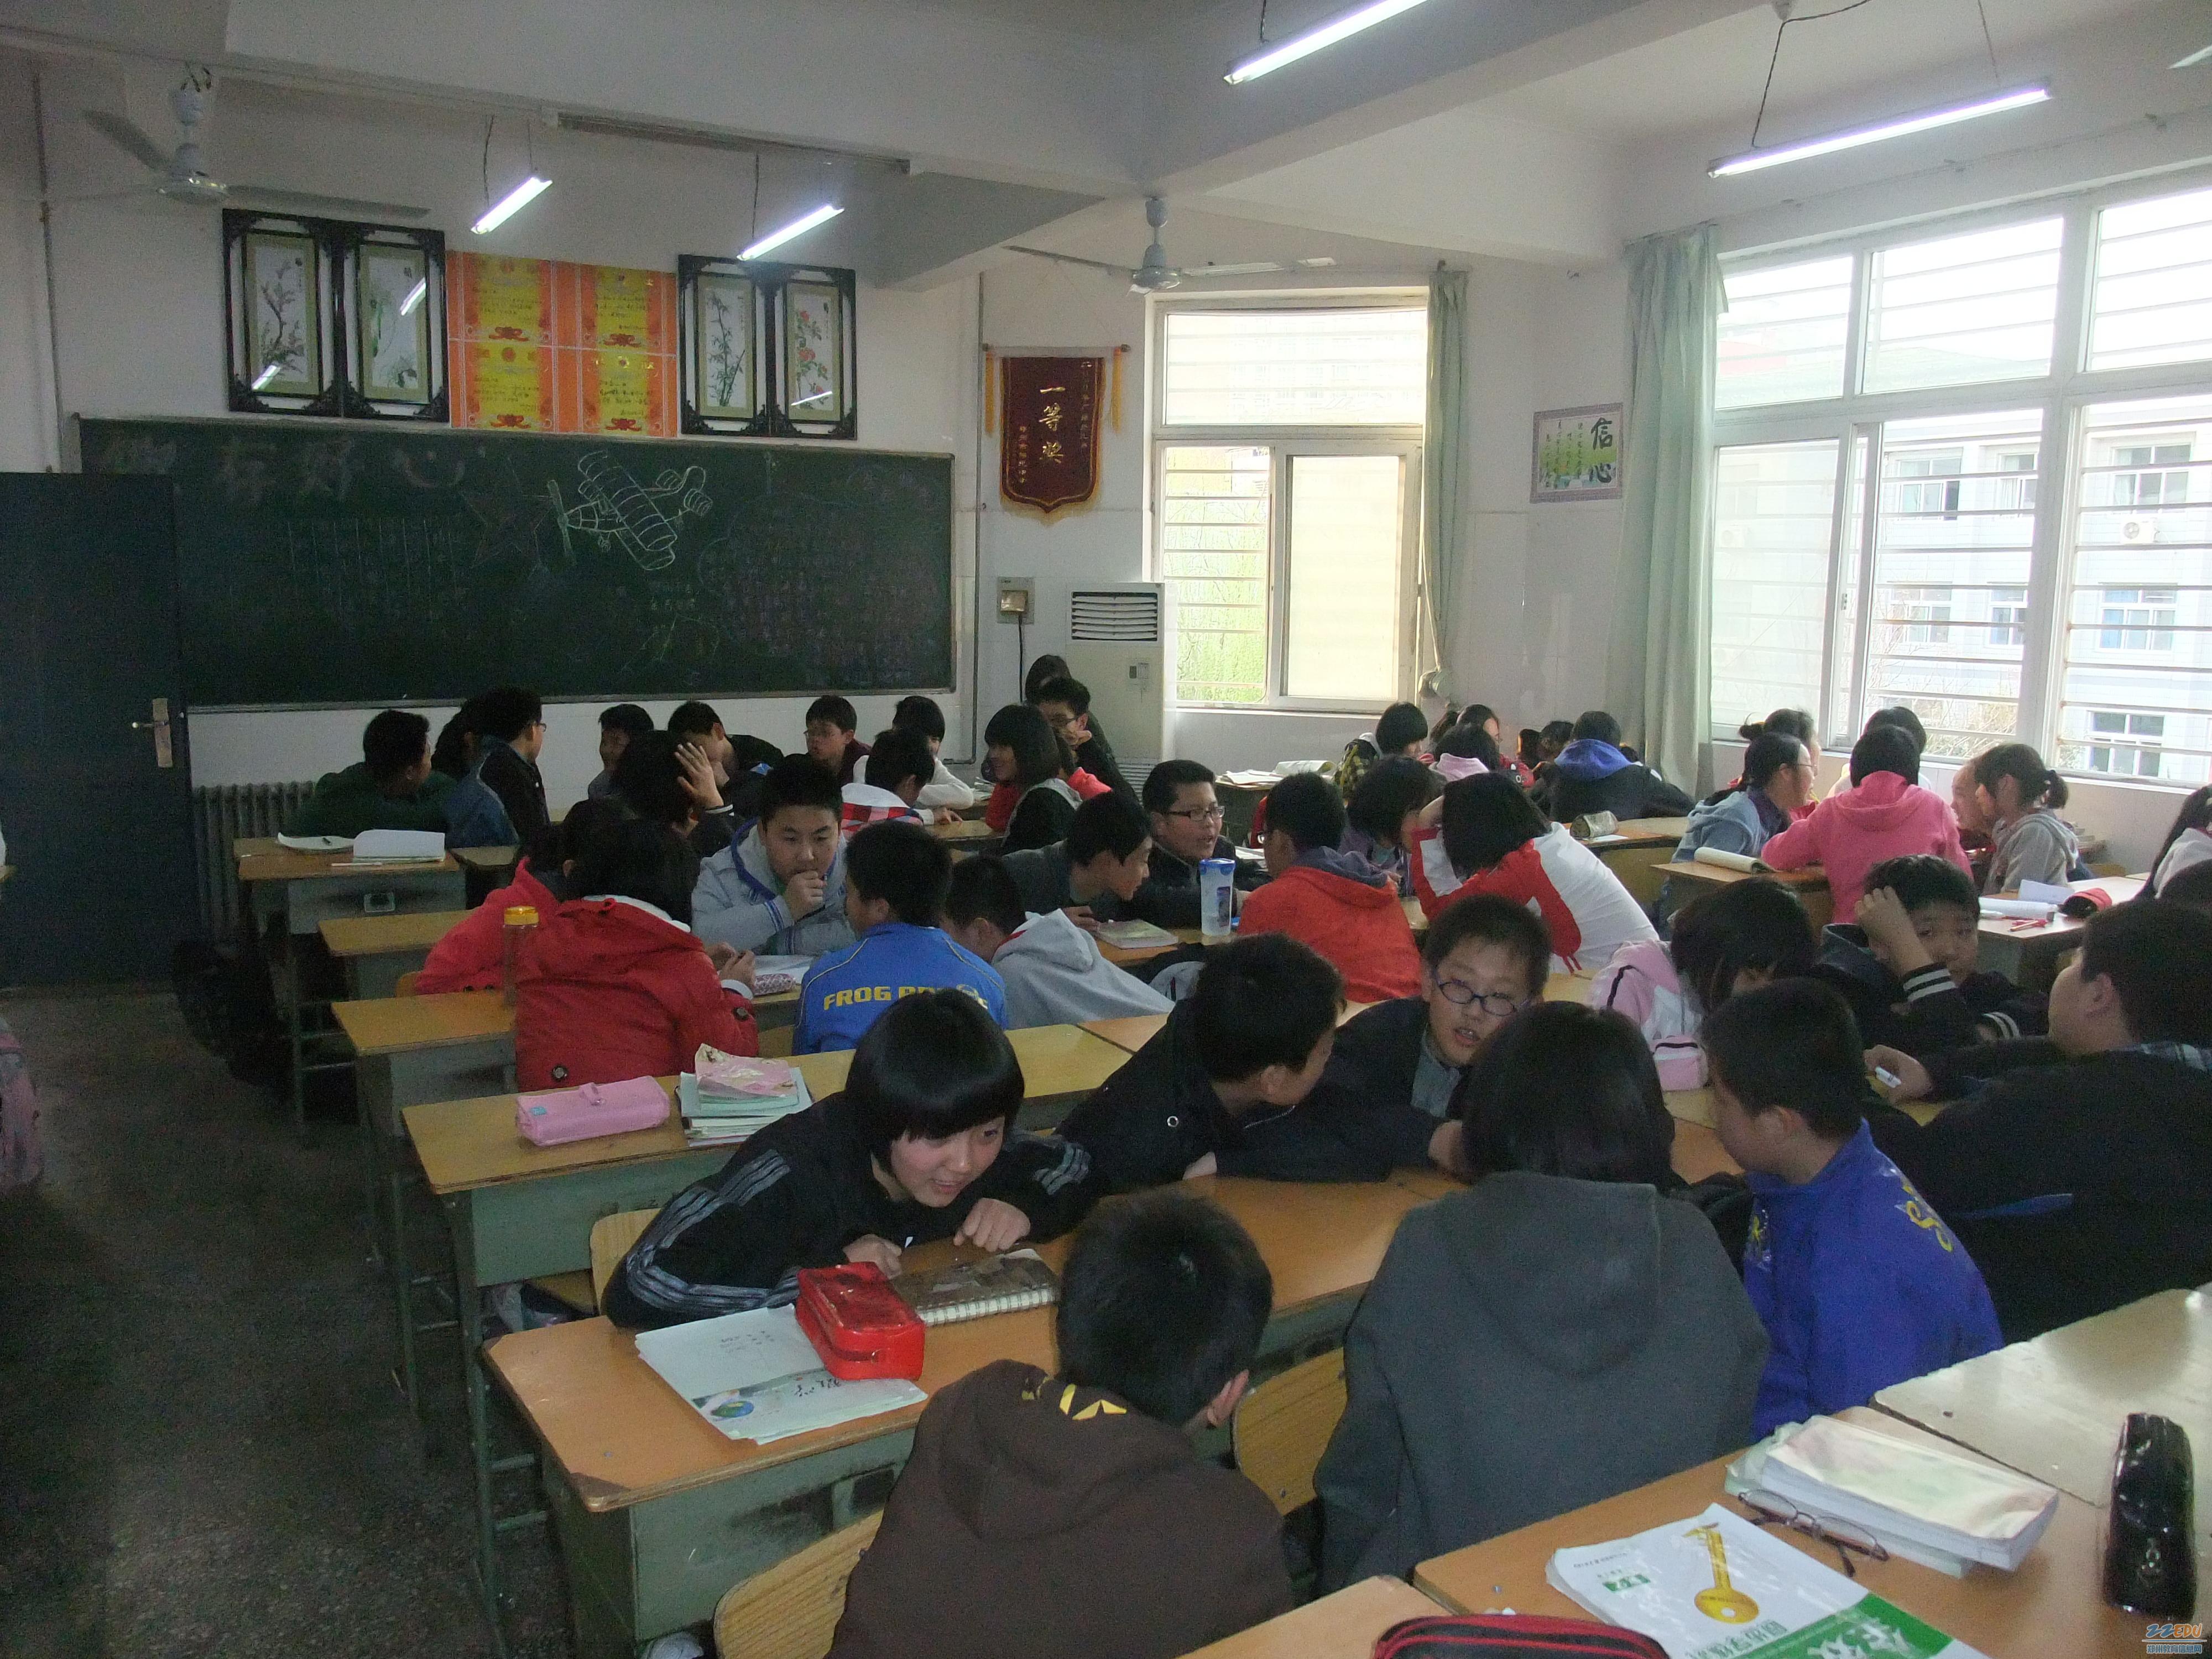 郑州新闻网_[回中] 研究学习小组评价 提高课堂学习效率--郑州教育信息网